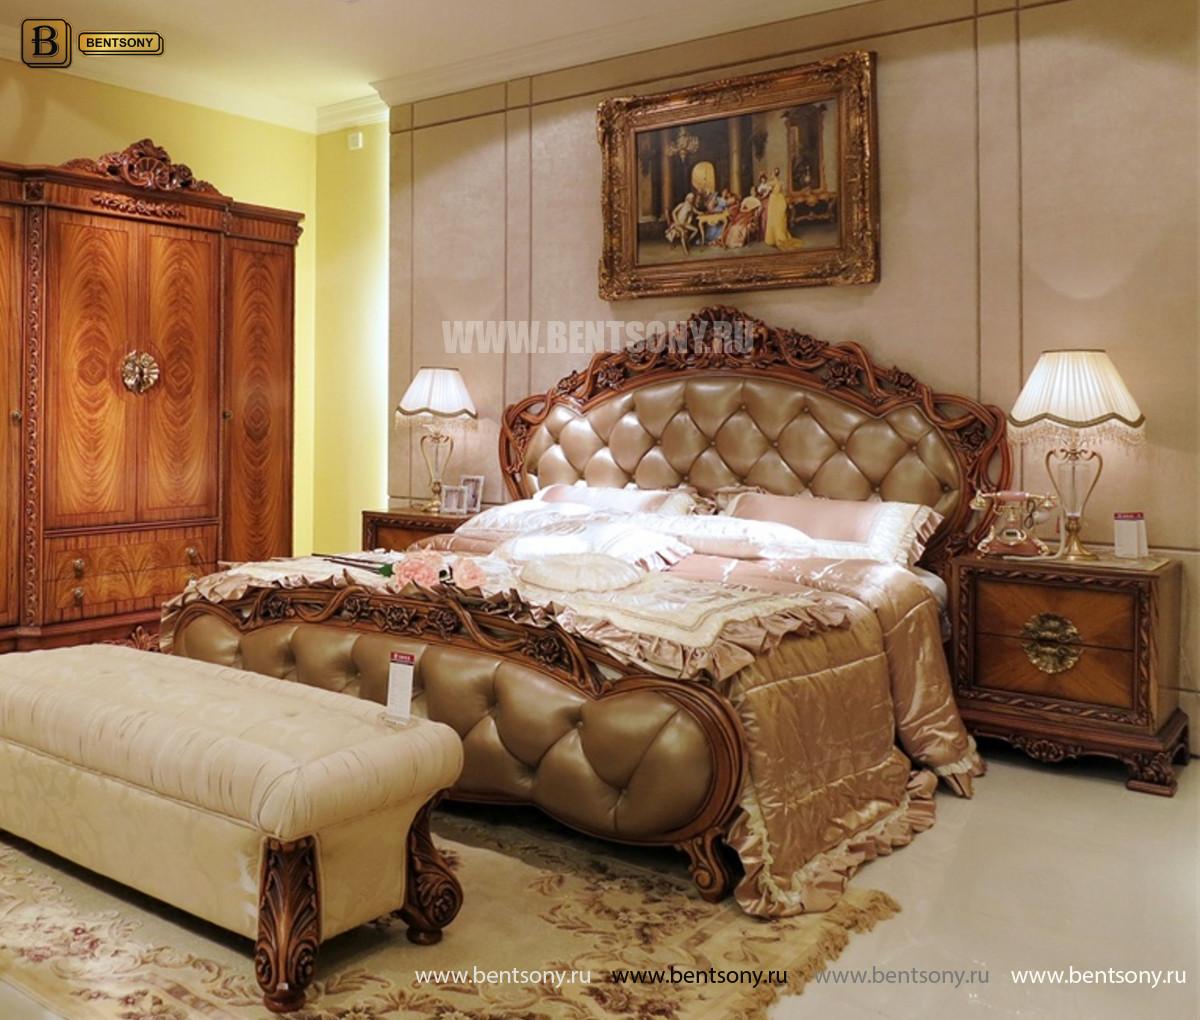 Кровать Белмонт D (Классика, Ткань) магазин Москва